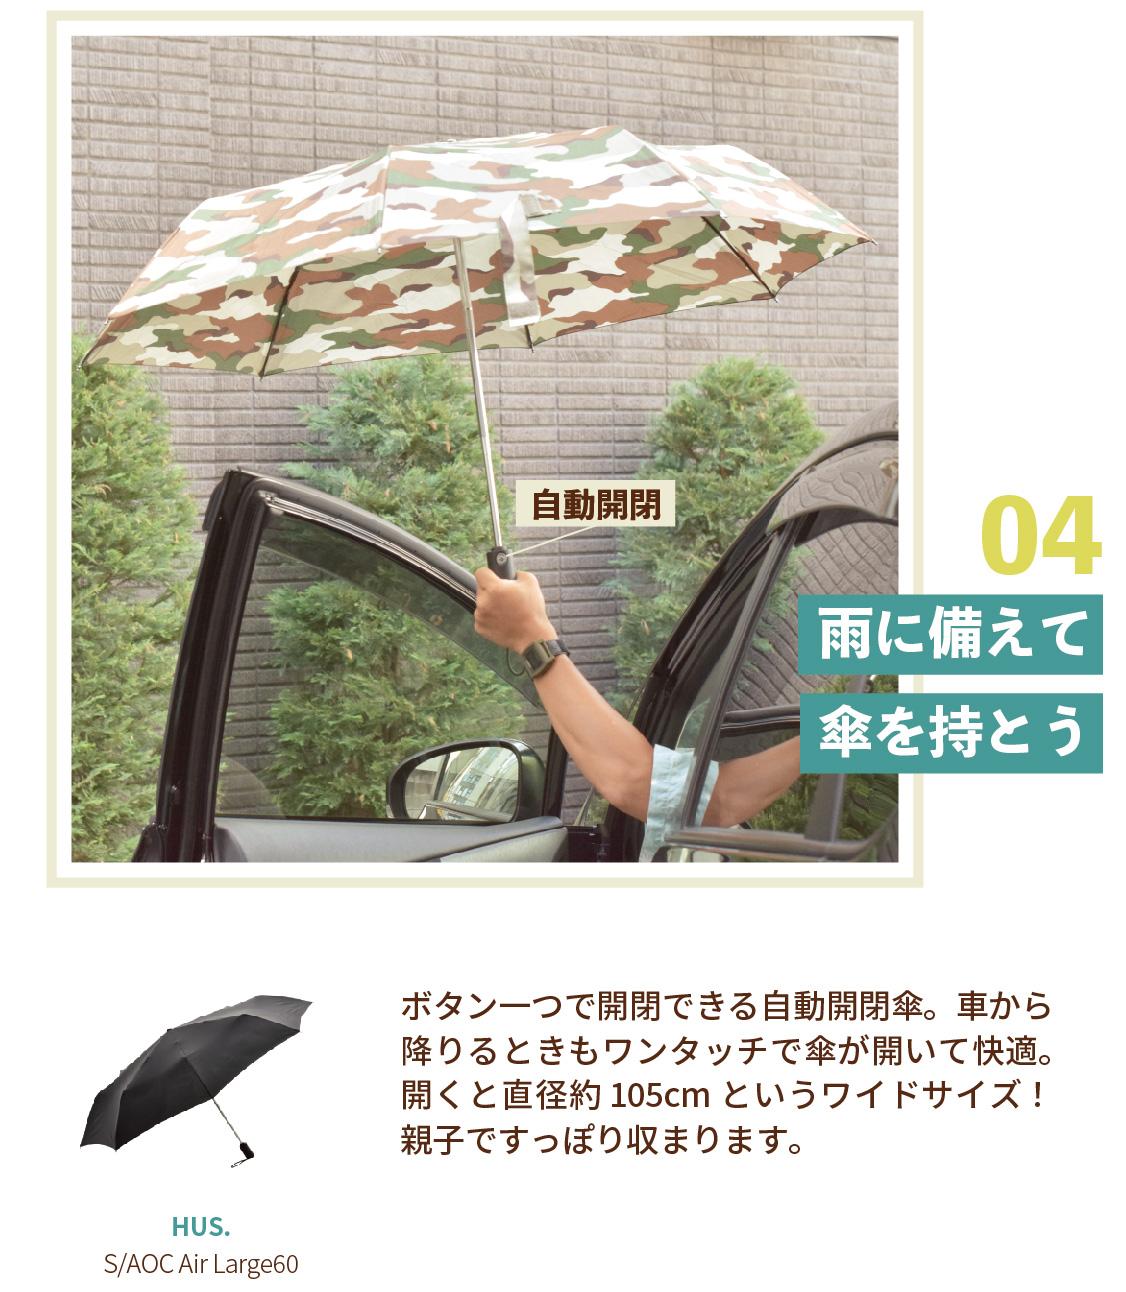 雨に備えて傘を持とう